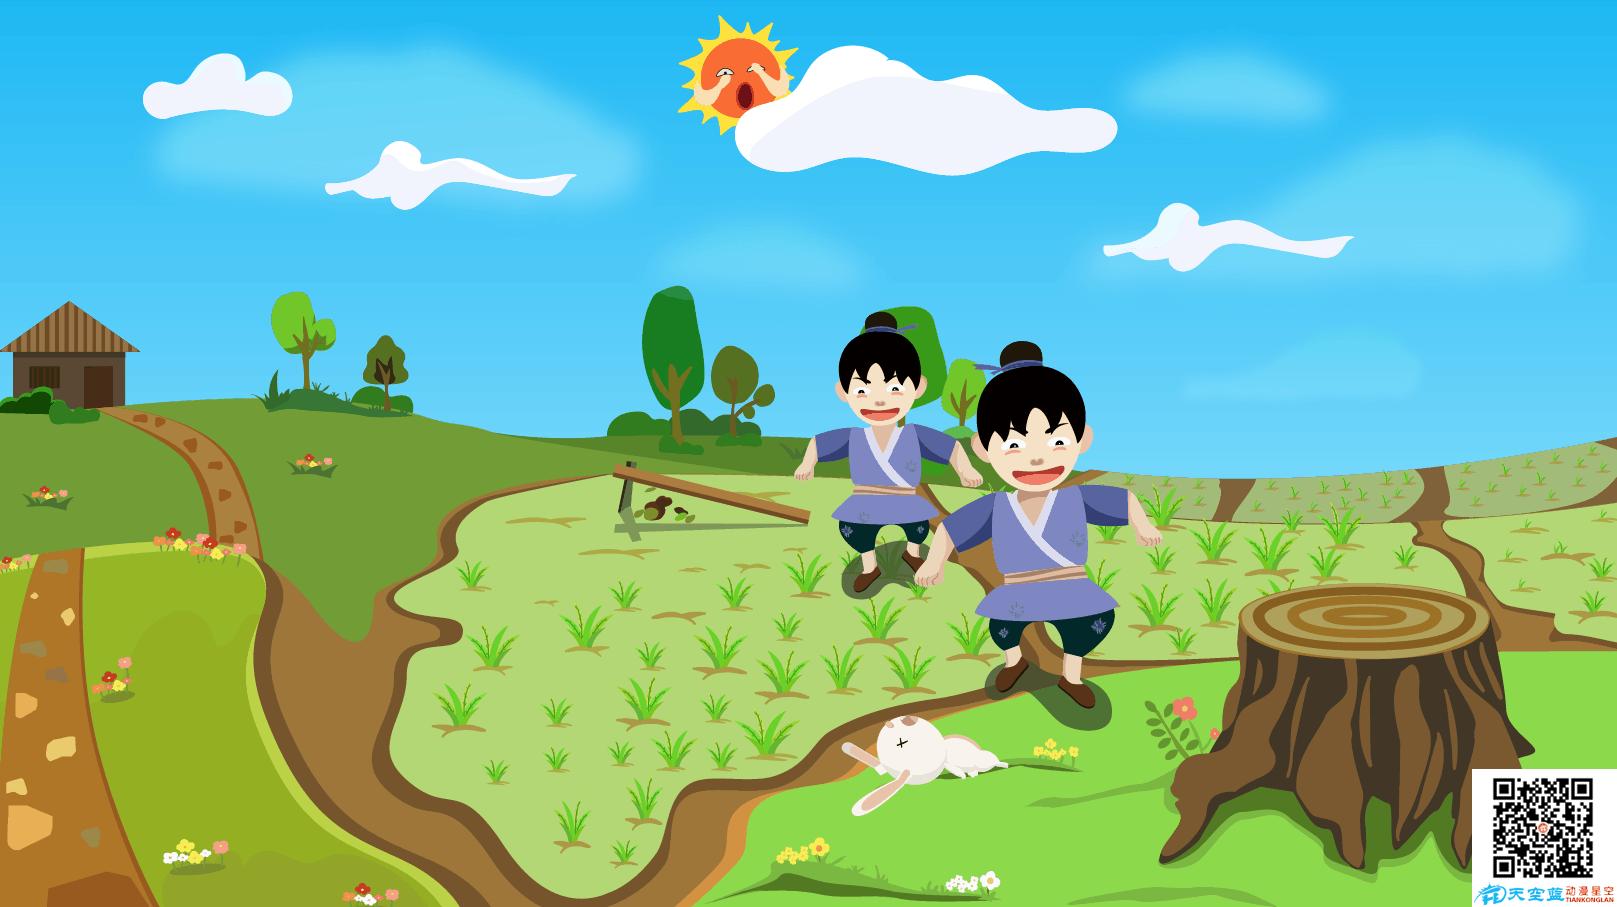 成语故事《守株待兔》动画视频创作